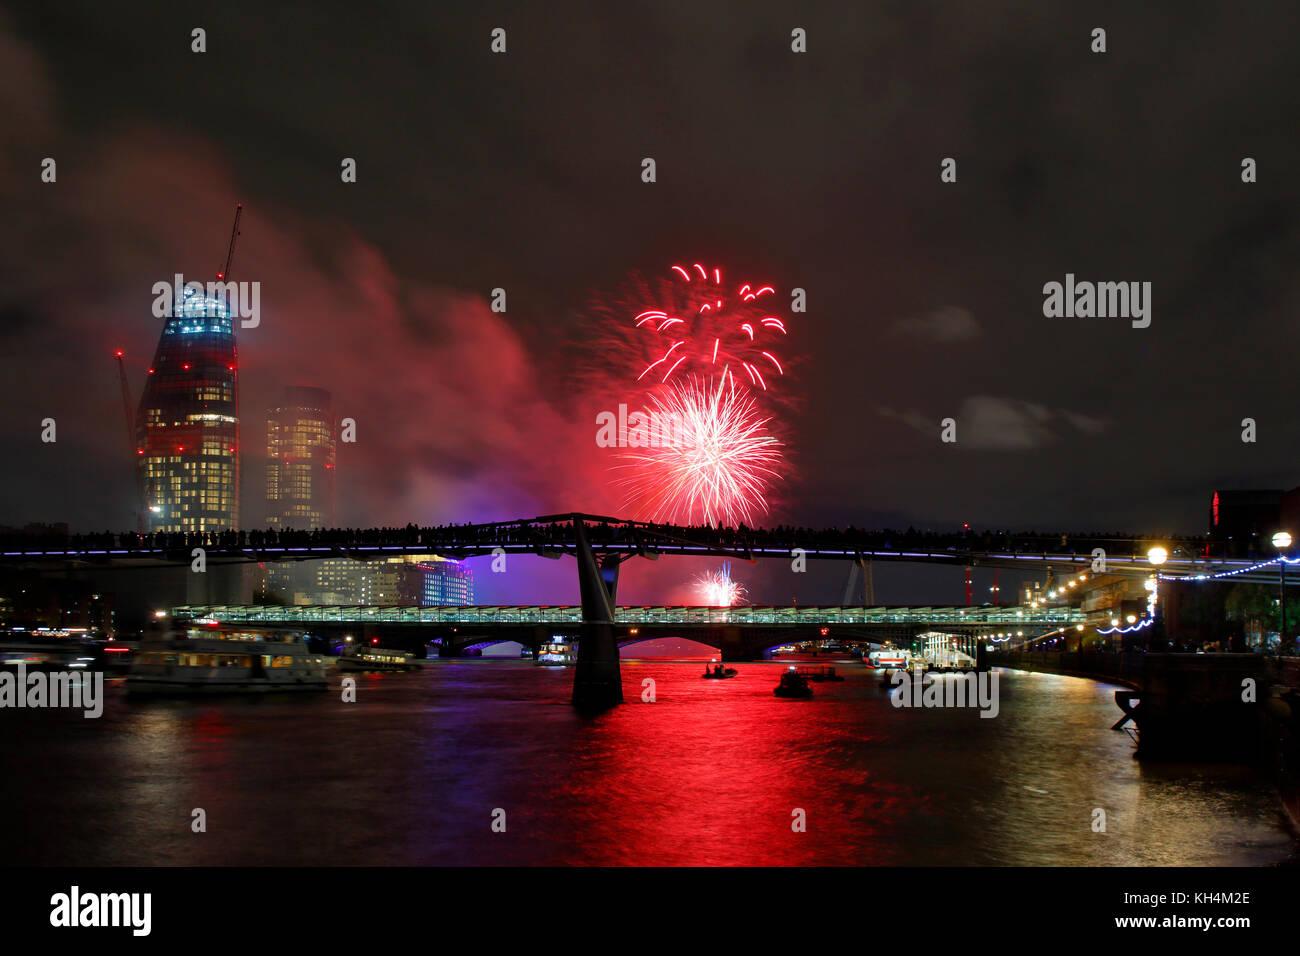 Der Herr Bürgermeister zeigen, Feuerwerk auf der Themse, London, 11. November 2017 Stockbild